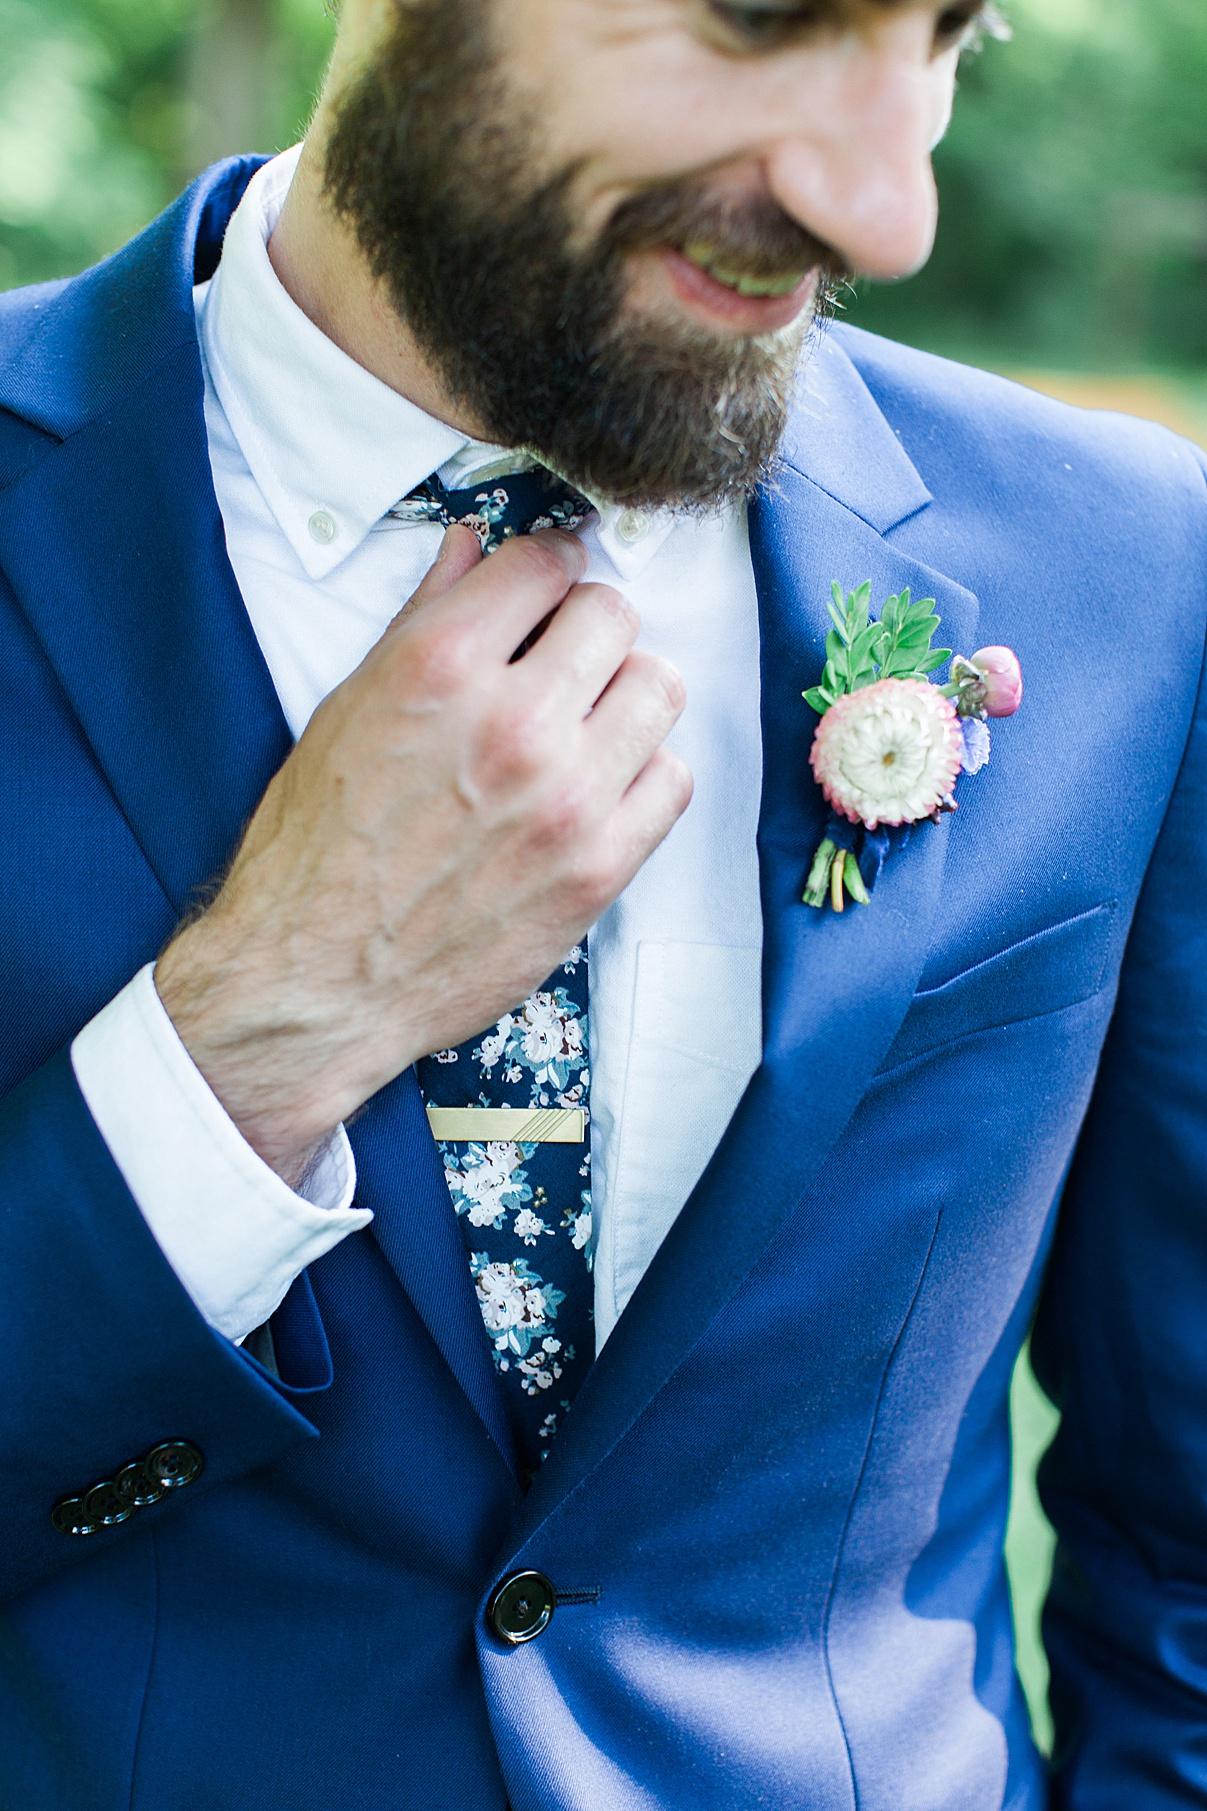 Vintage groom attire tie and boutonniere | Balls Falls, Ontario Wedding| Ontario Wedding Photographer| Toronto Wedding Photographer| 3Photography| 3photography.ca